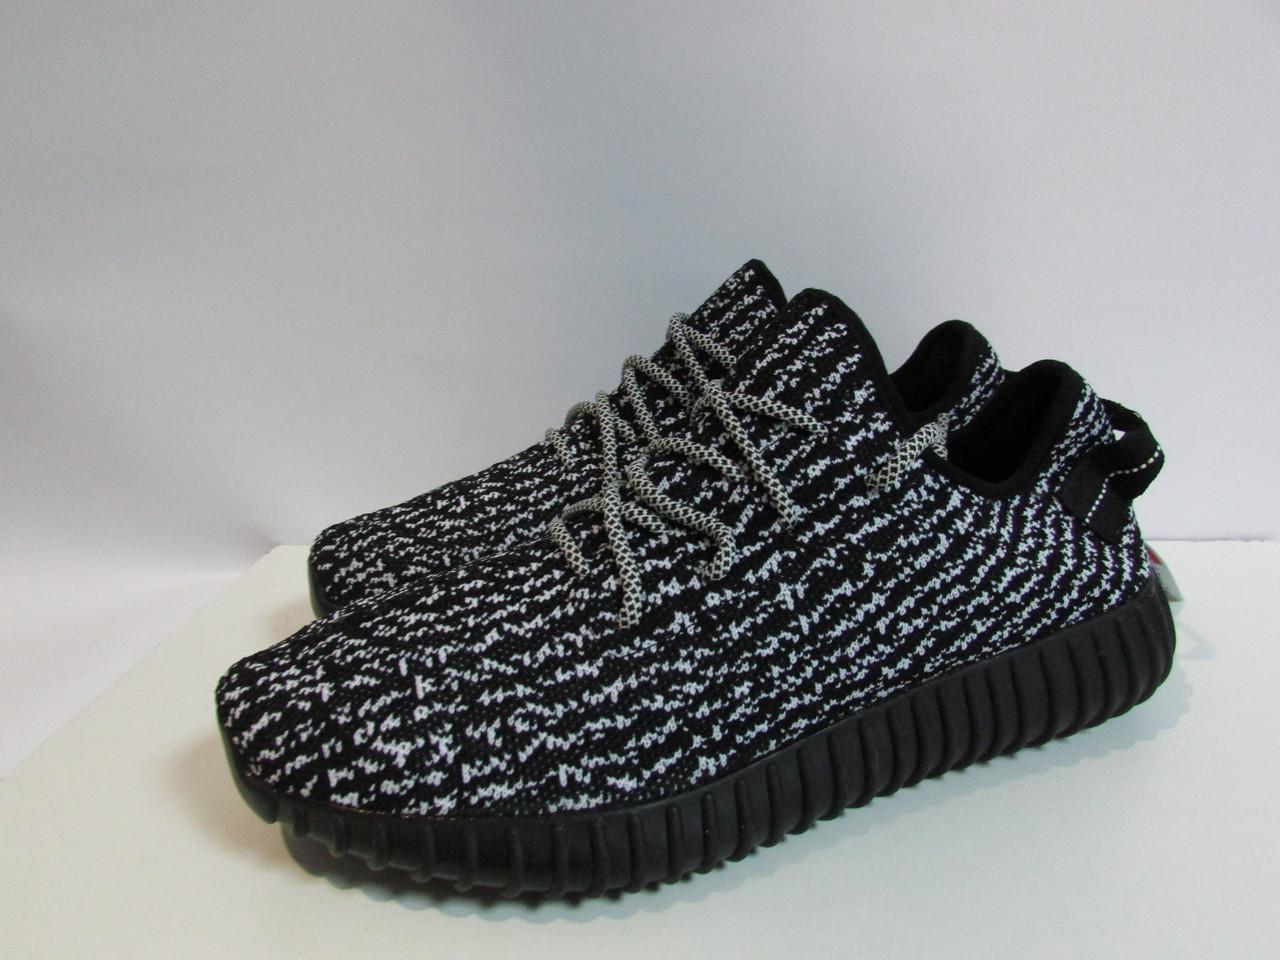 d59a09523f12 Мужские кроссовки Adidas YEEZY черно-белые (888) код 958А  продажа ...